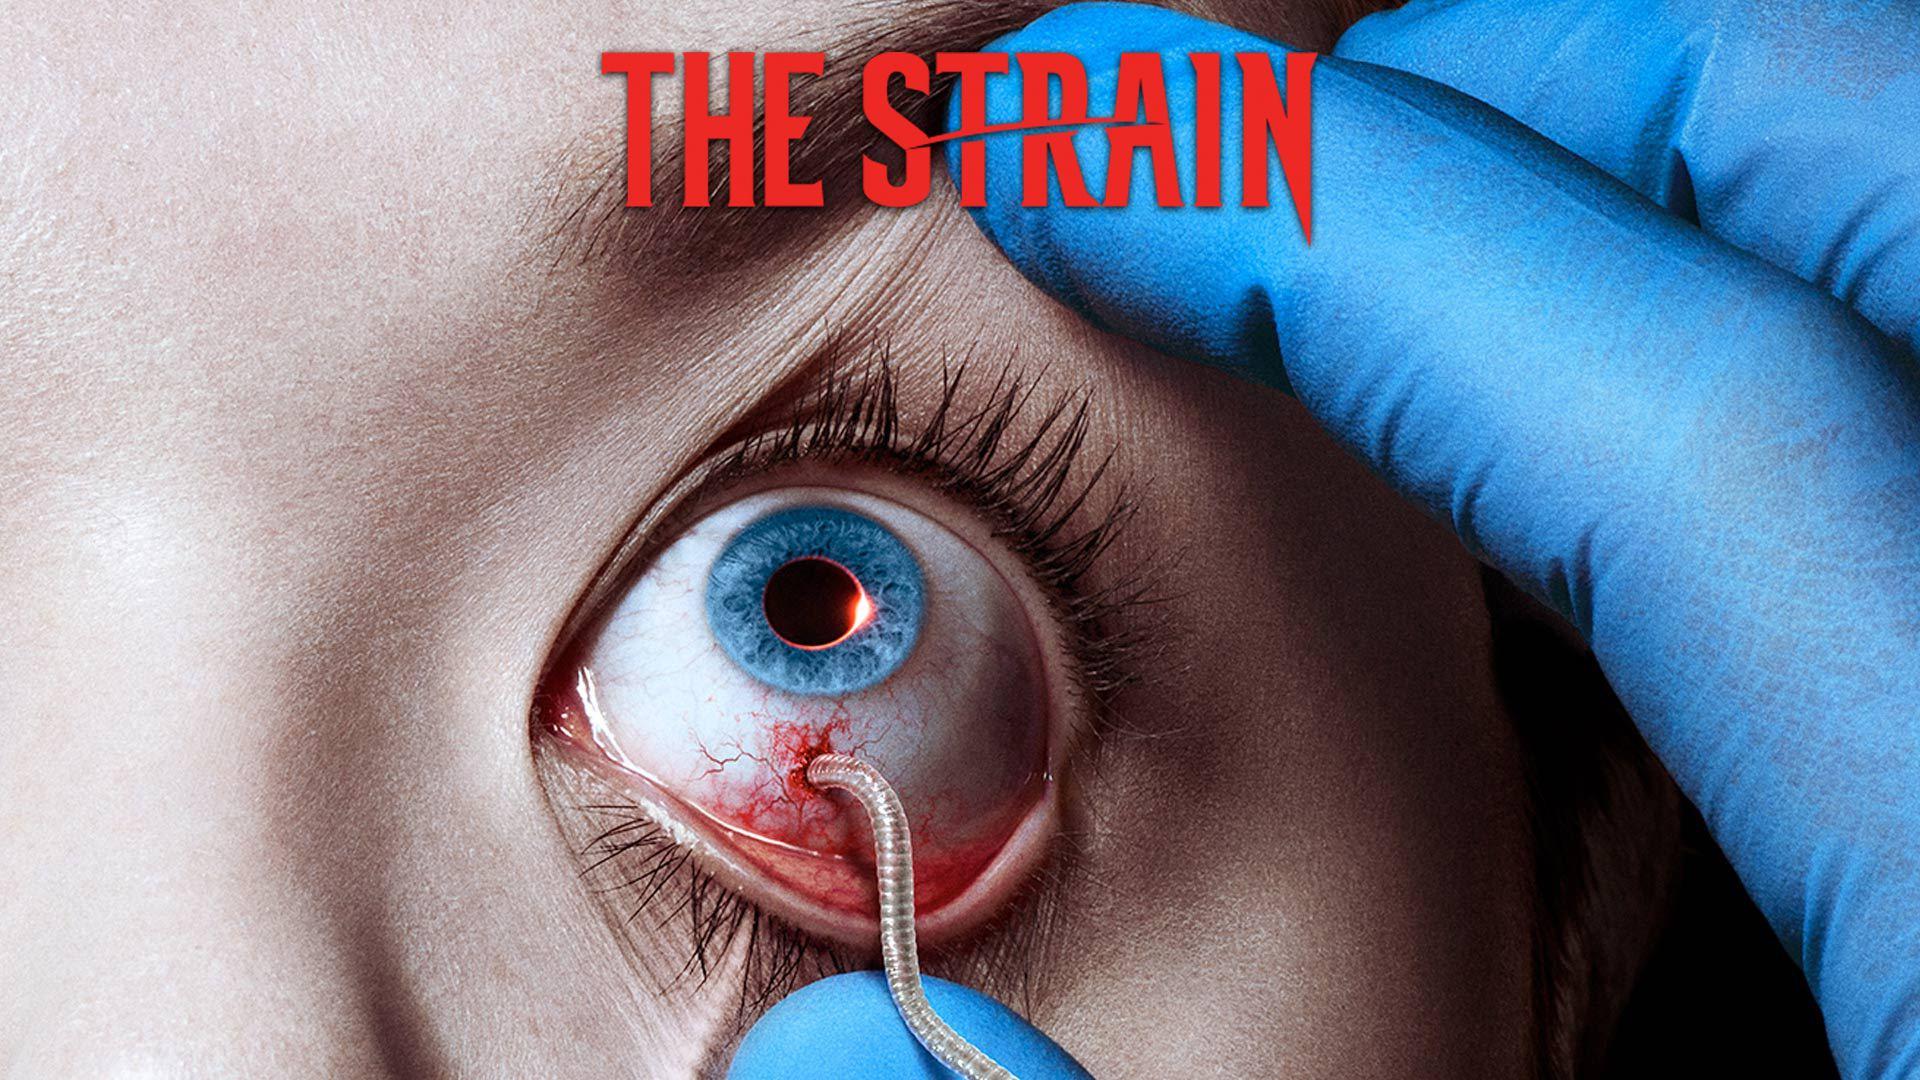 The Strain Season 1